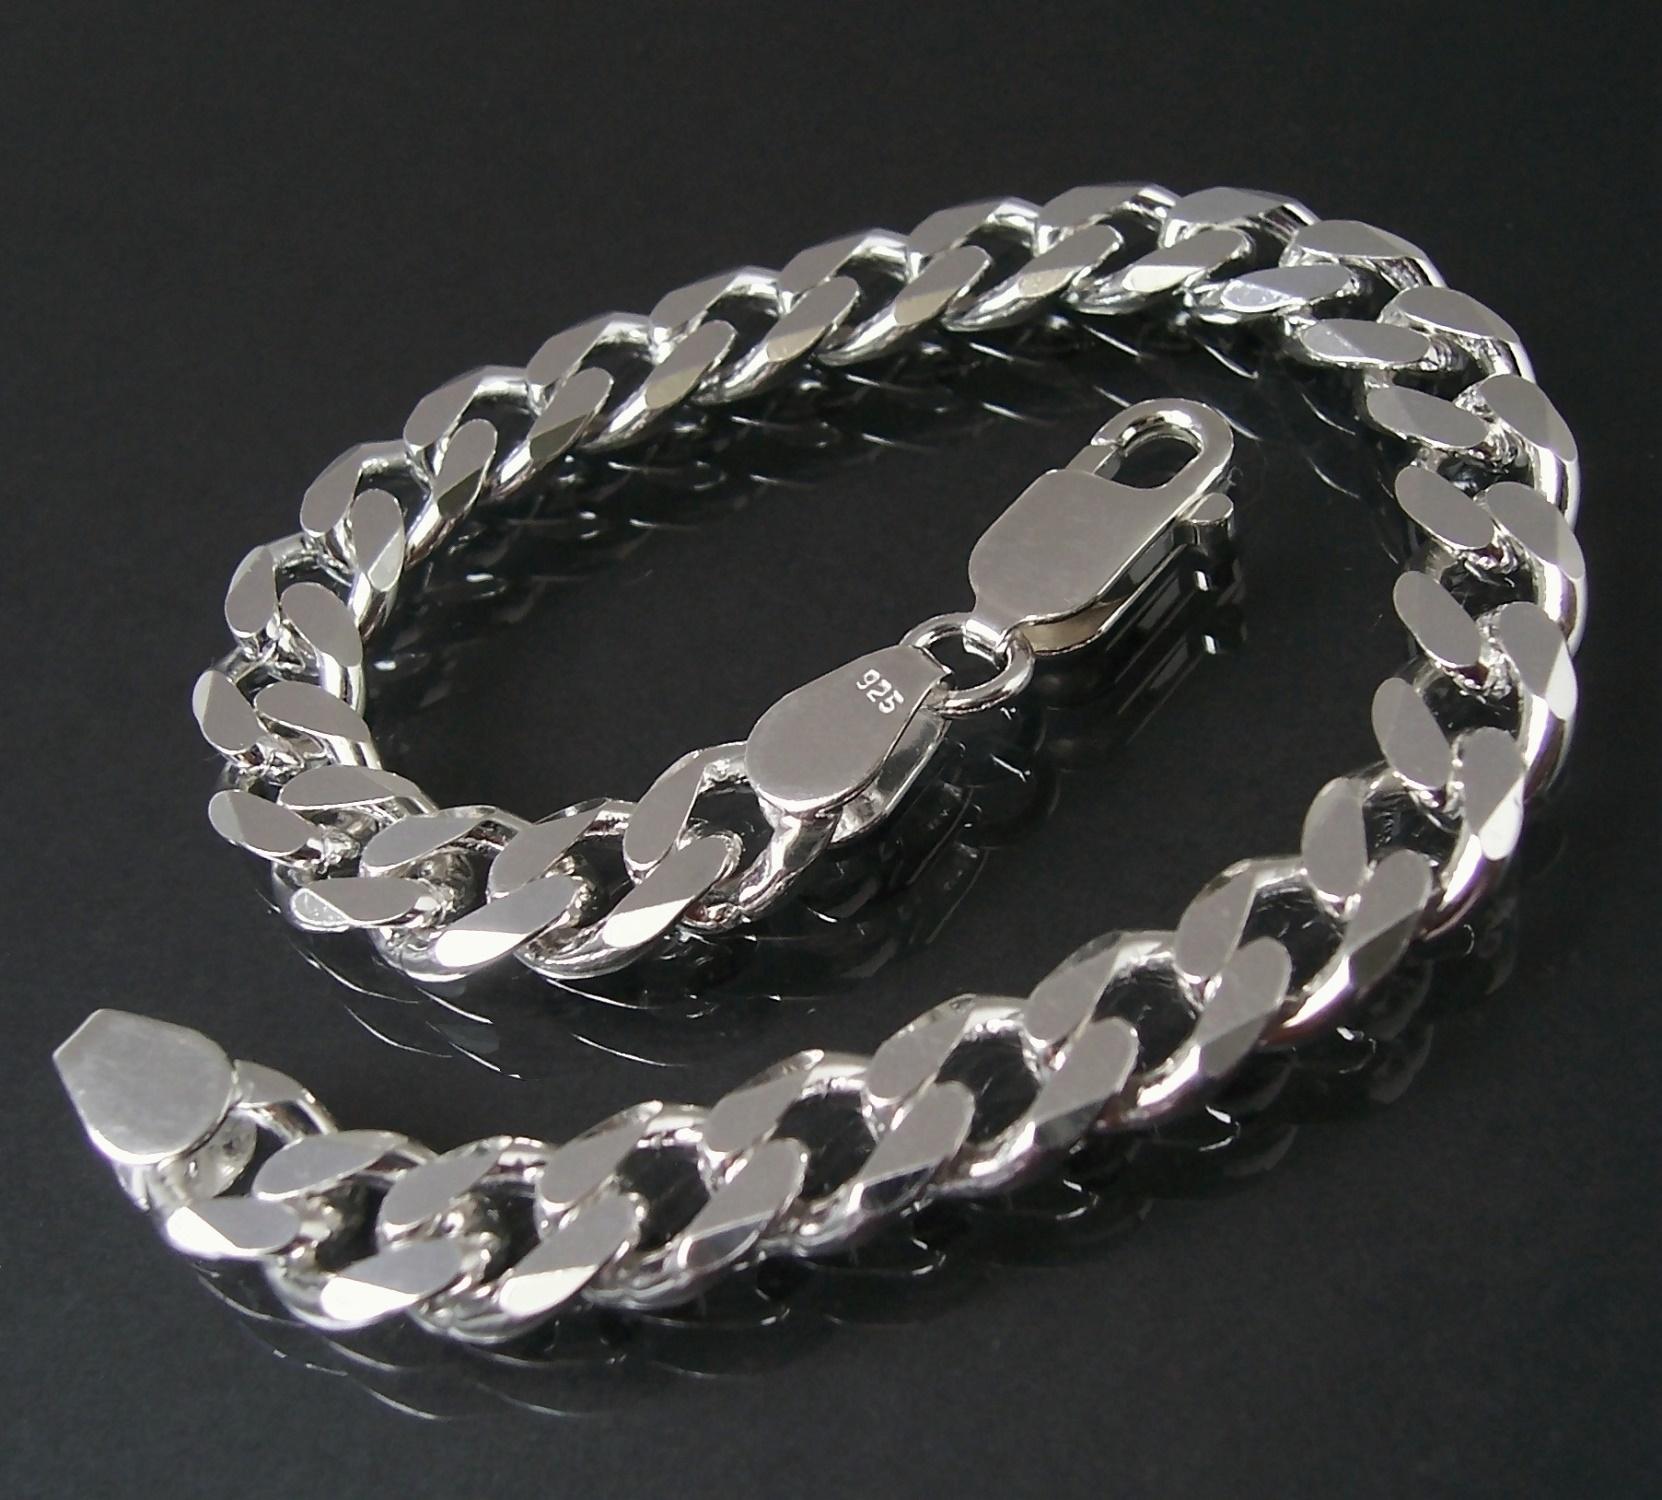 Armband Silberarmband Panzerarmband Sterlingsilber 8mm 21cm 13580-21